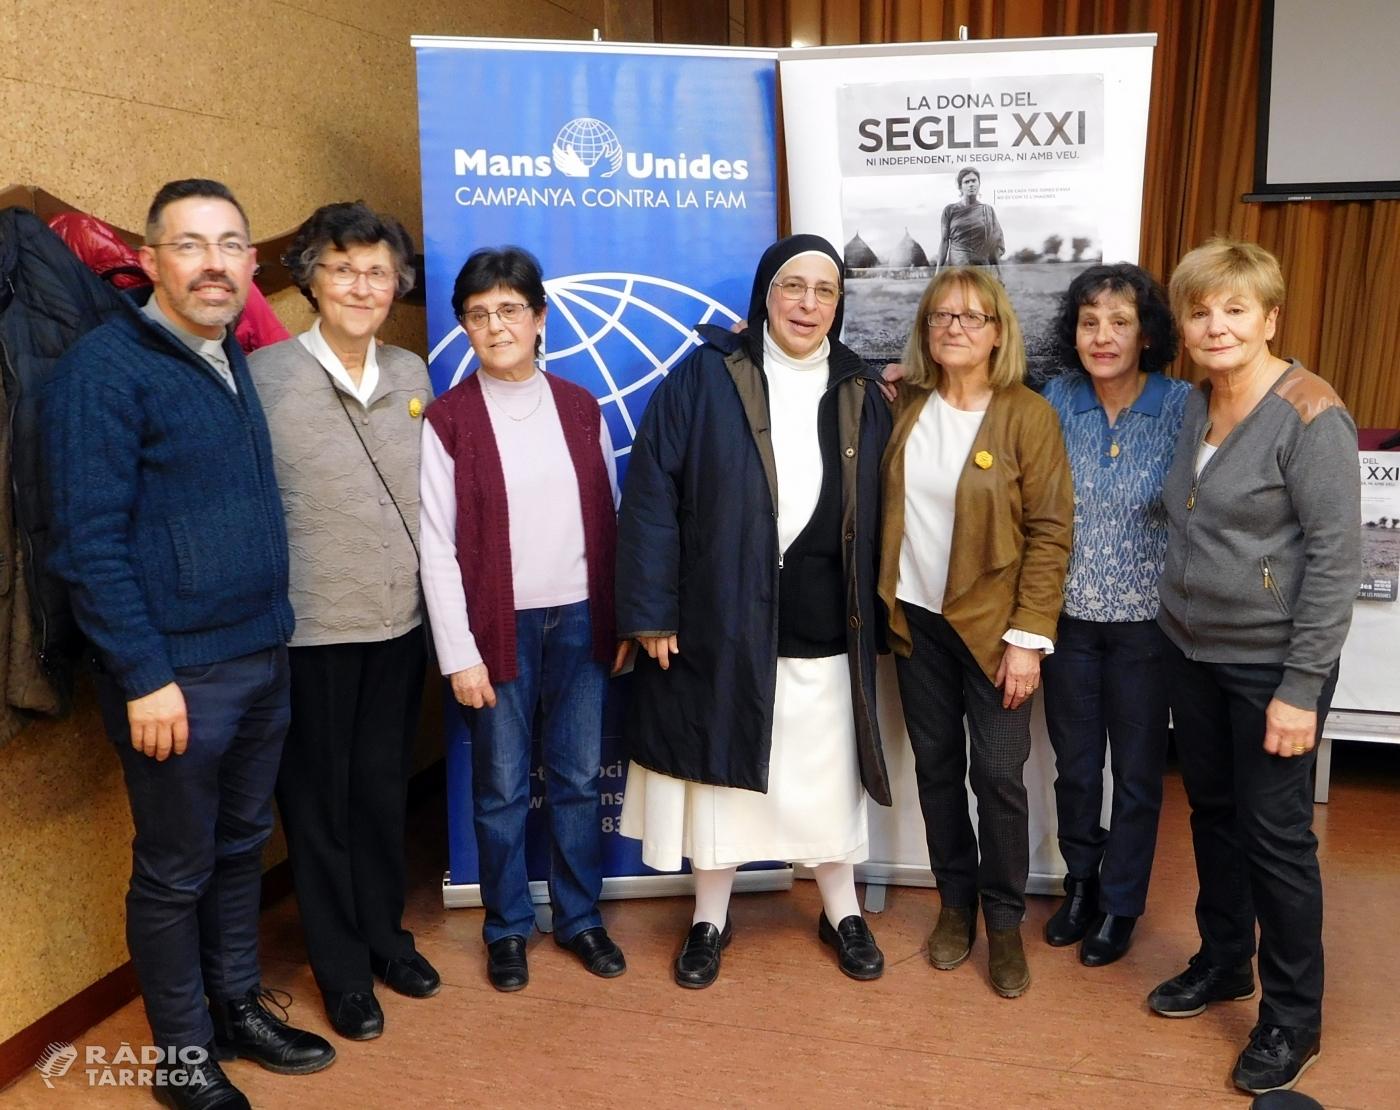 Mans Unides de Tàrrega recapta més de 1.000 euros en el Sopar Solidari i la xerrada de Sor Lucía Caram